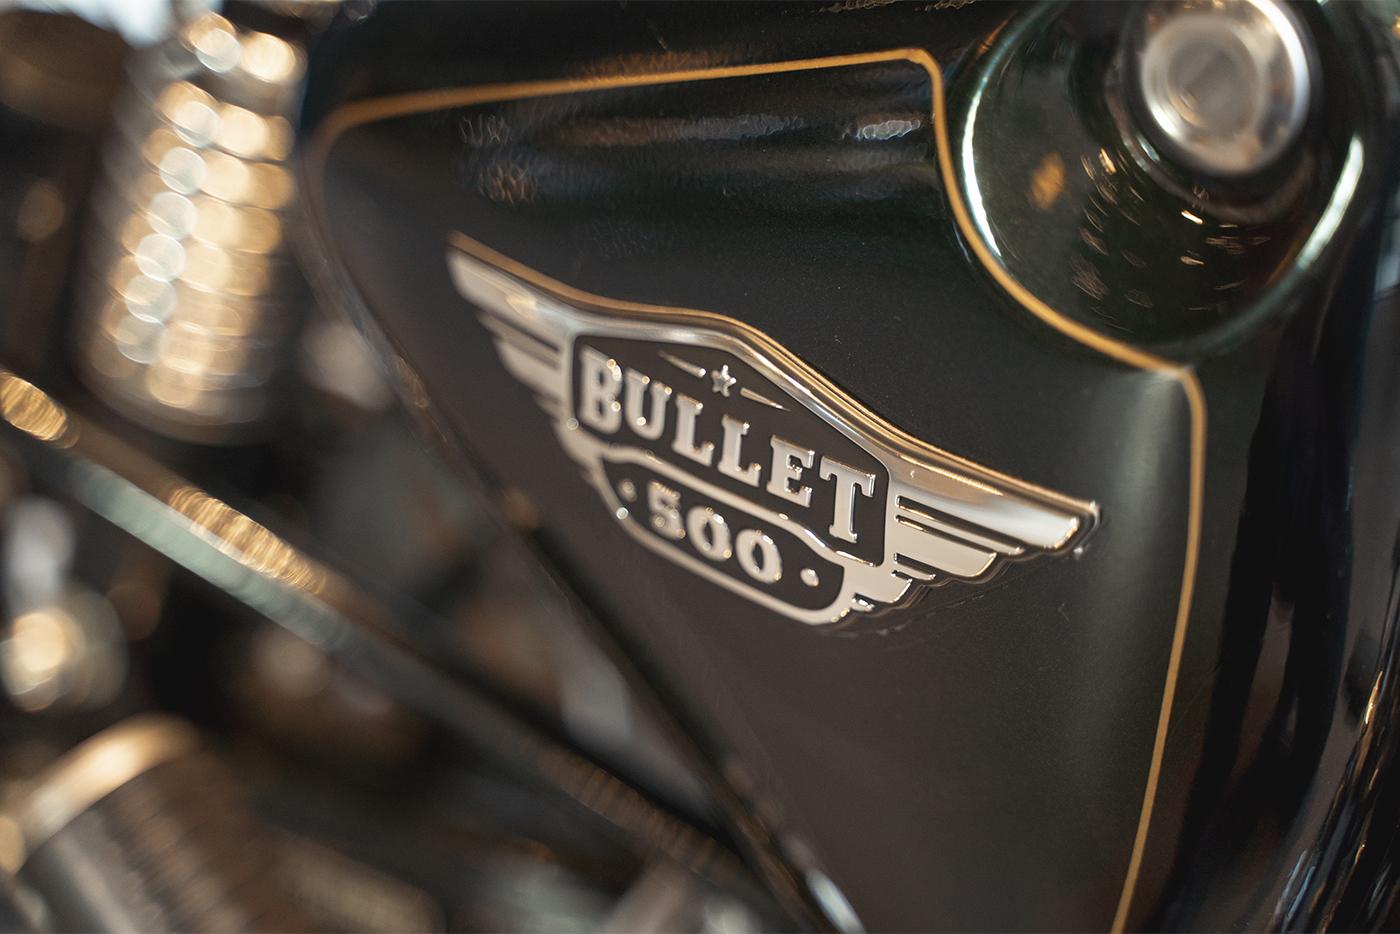 royal-enfield-bullet-500-2020-13.jpg